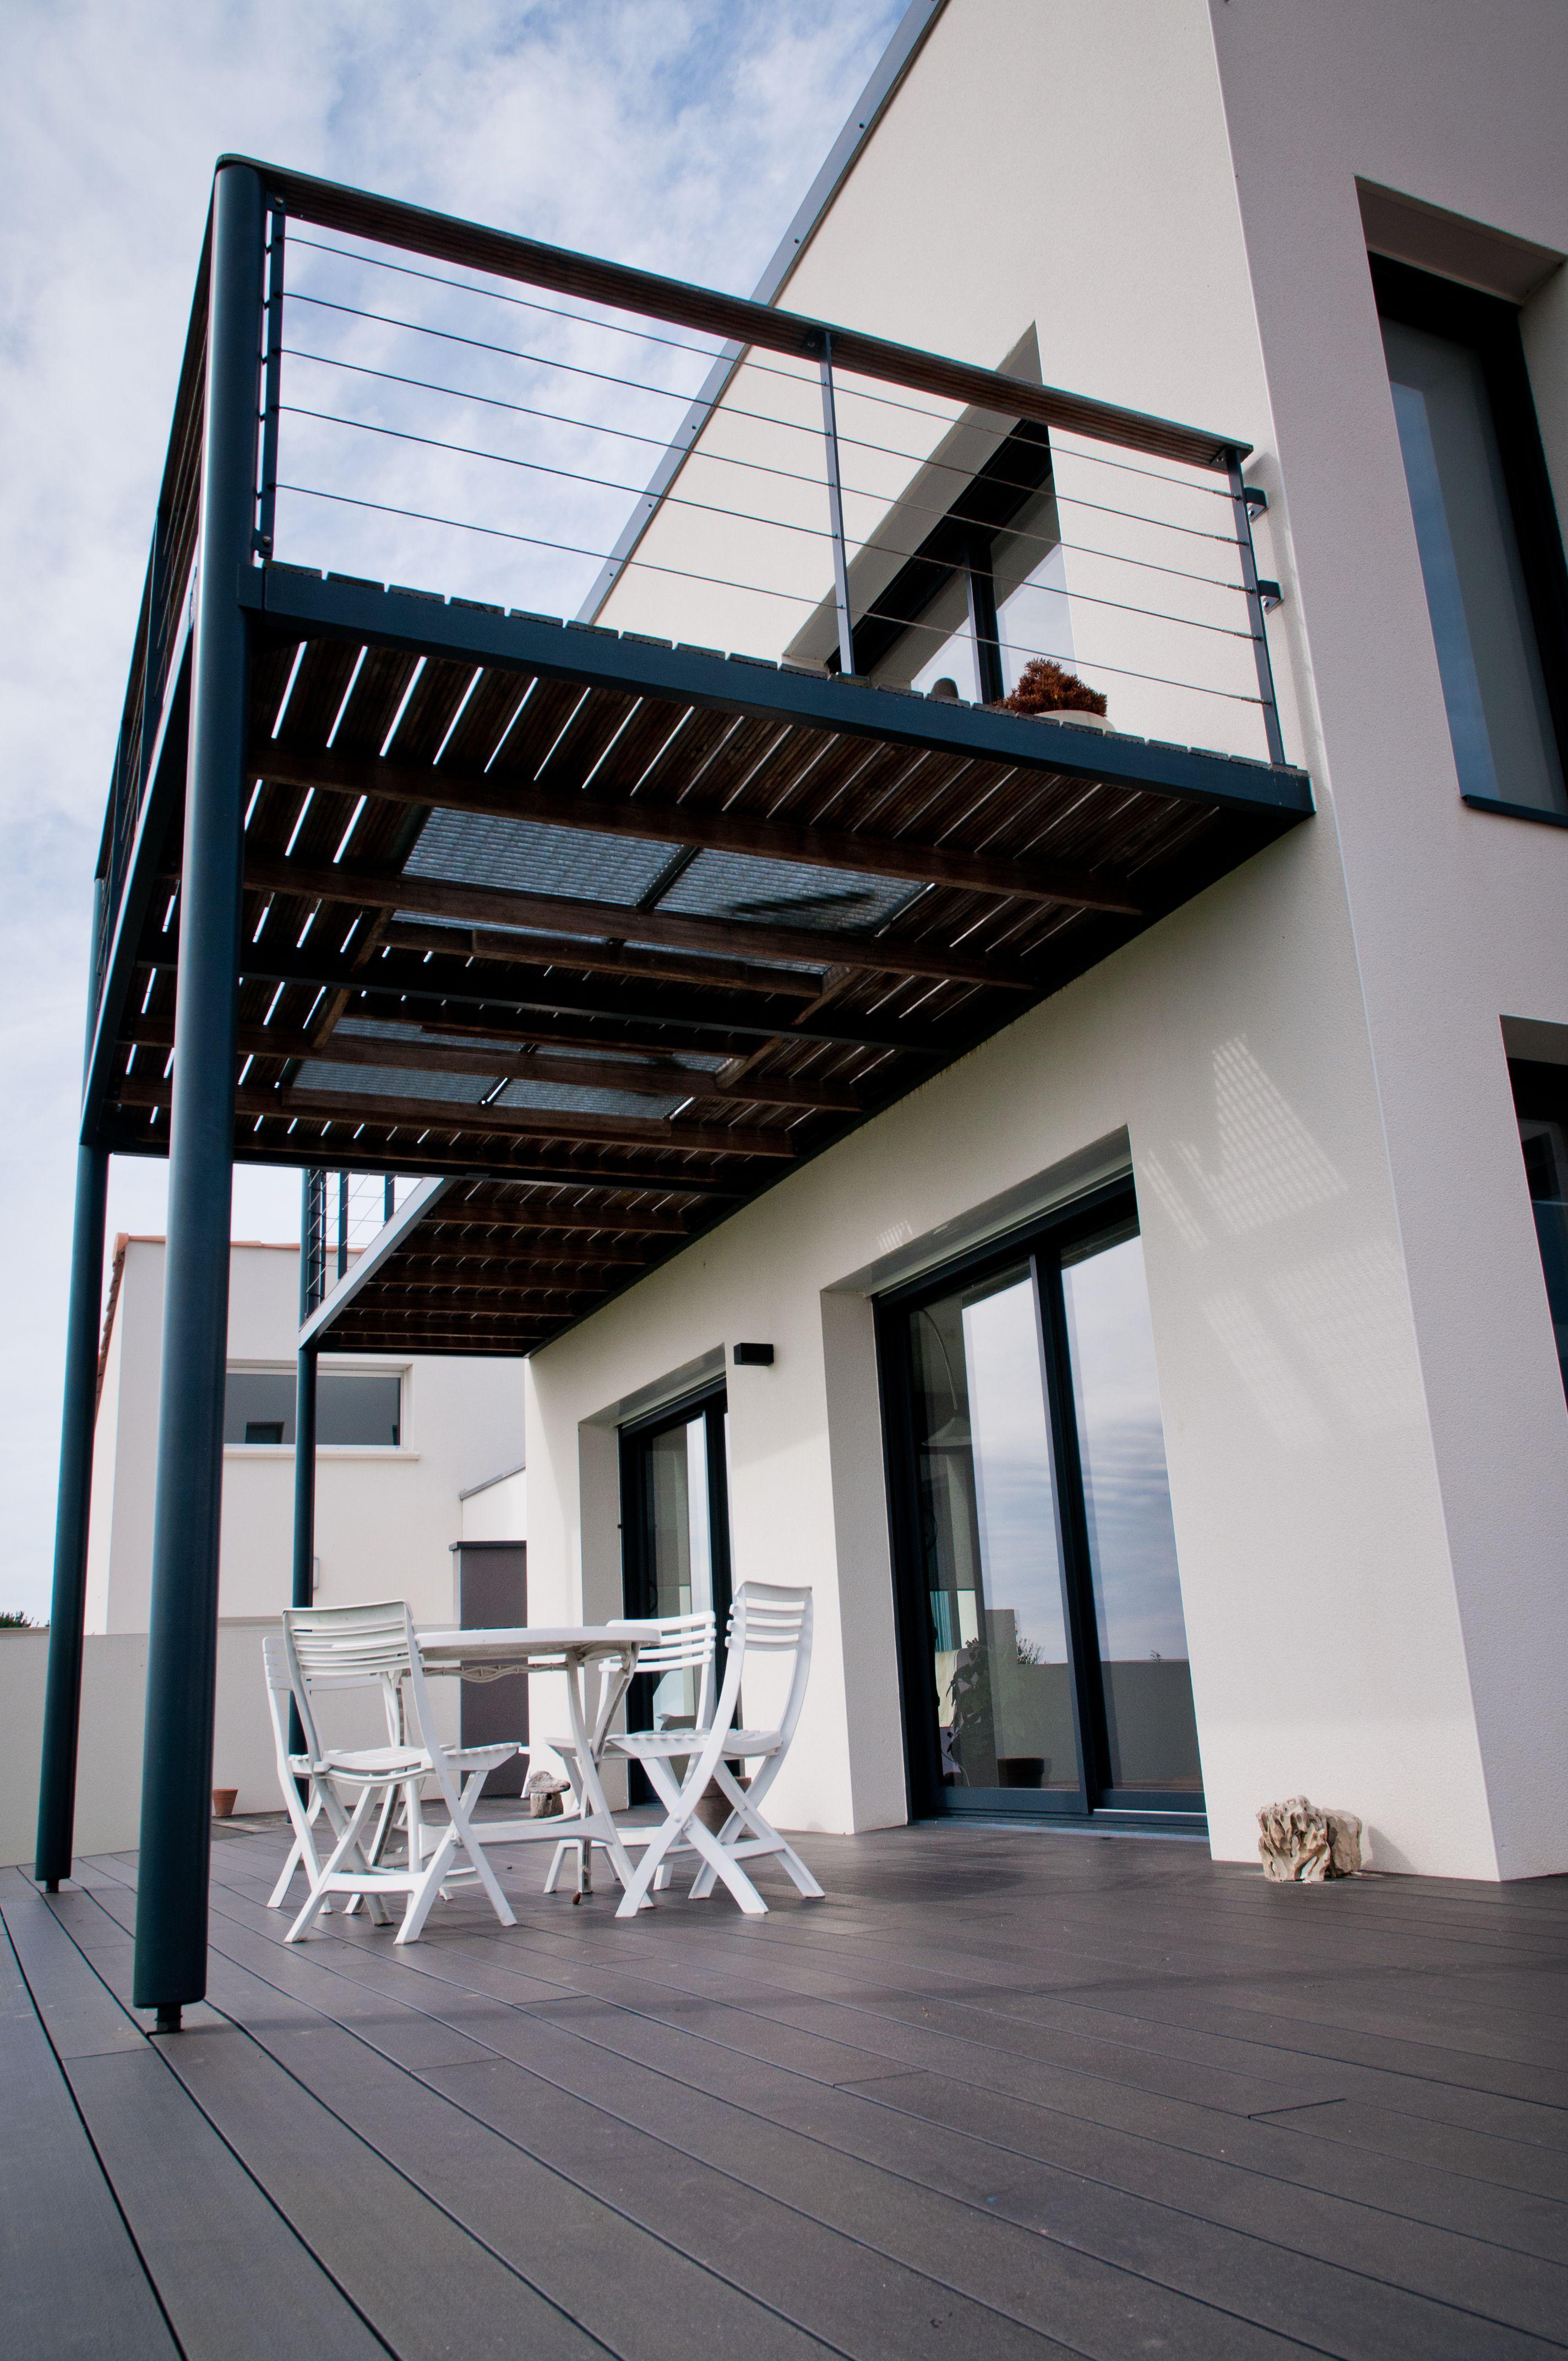 Maison constructeur de maison maisons d 39 en france for Construction maison etage